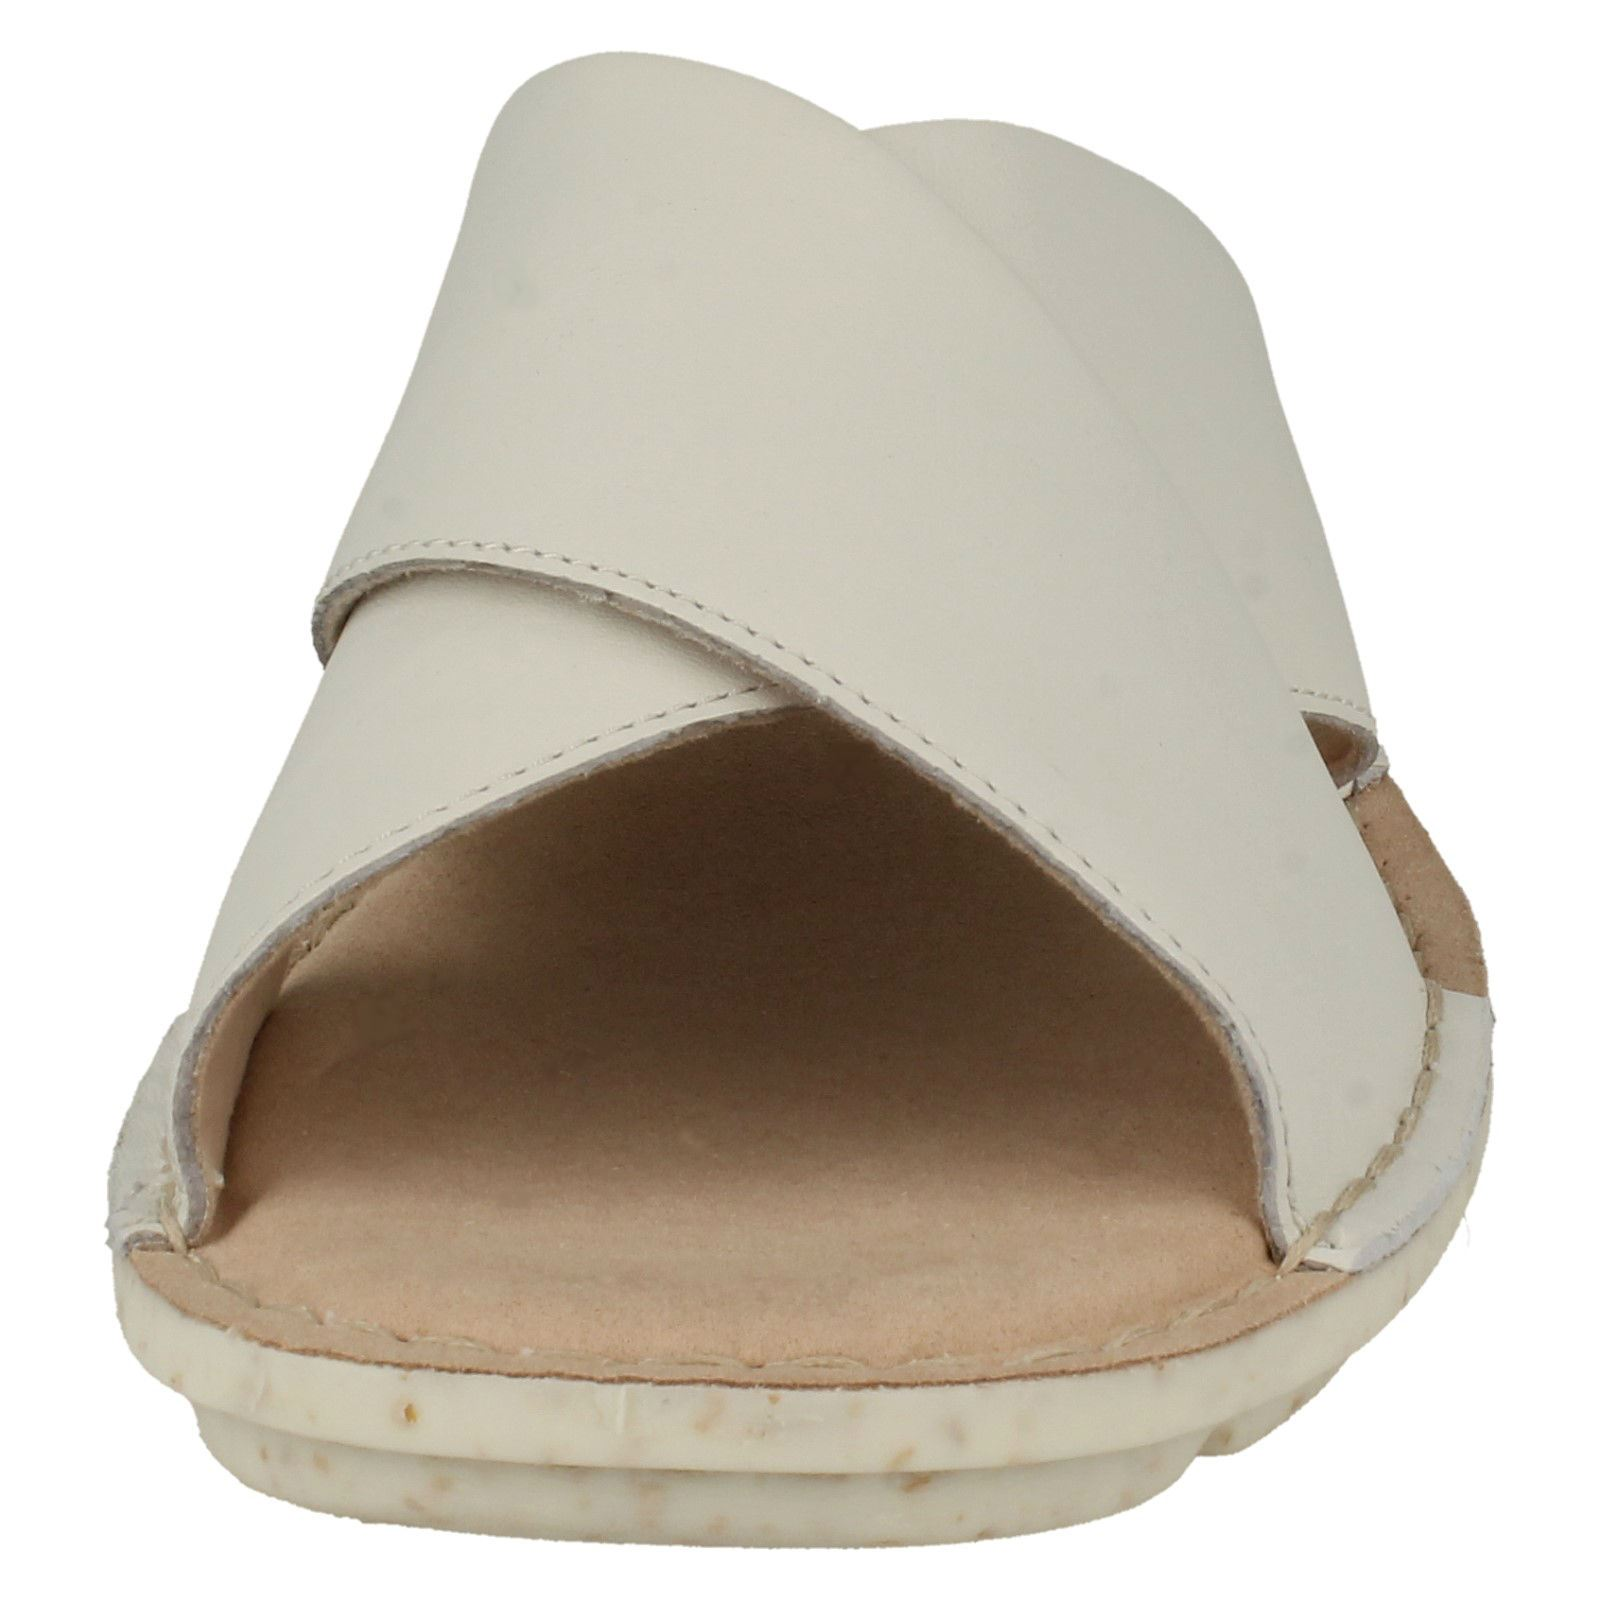 Womens Clarks Mule Sandals - Blake Sydney Sydney Sydney 460b39